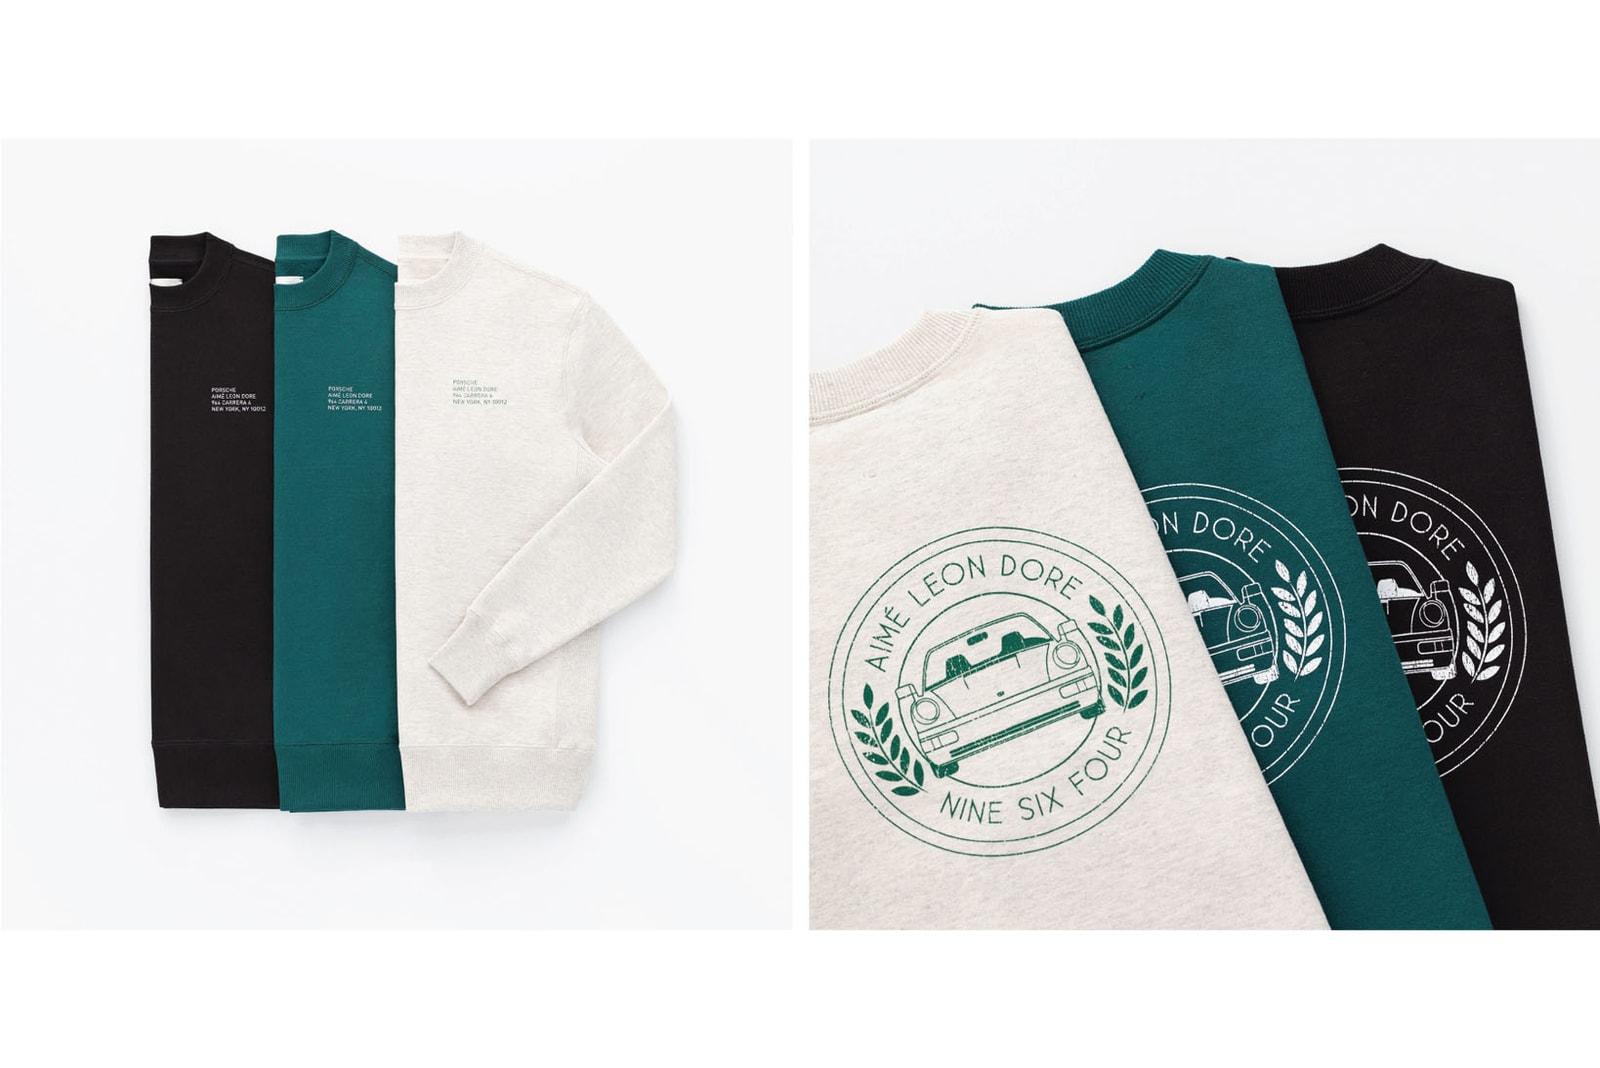 aime leon dore porsche 911 carrera 4 1990 ald 964 capsule loro piana schott hoodies sweatshirts caps cars